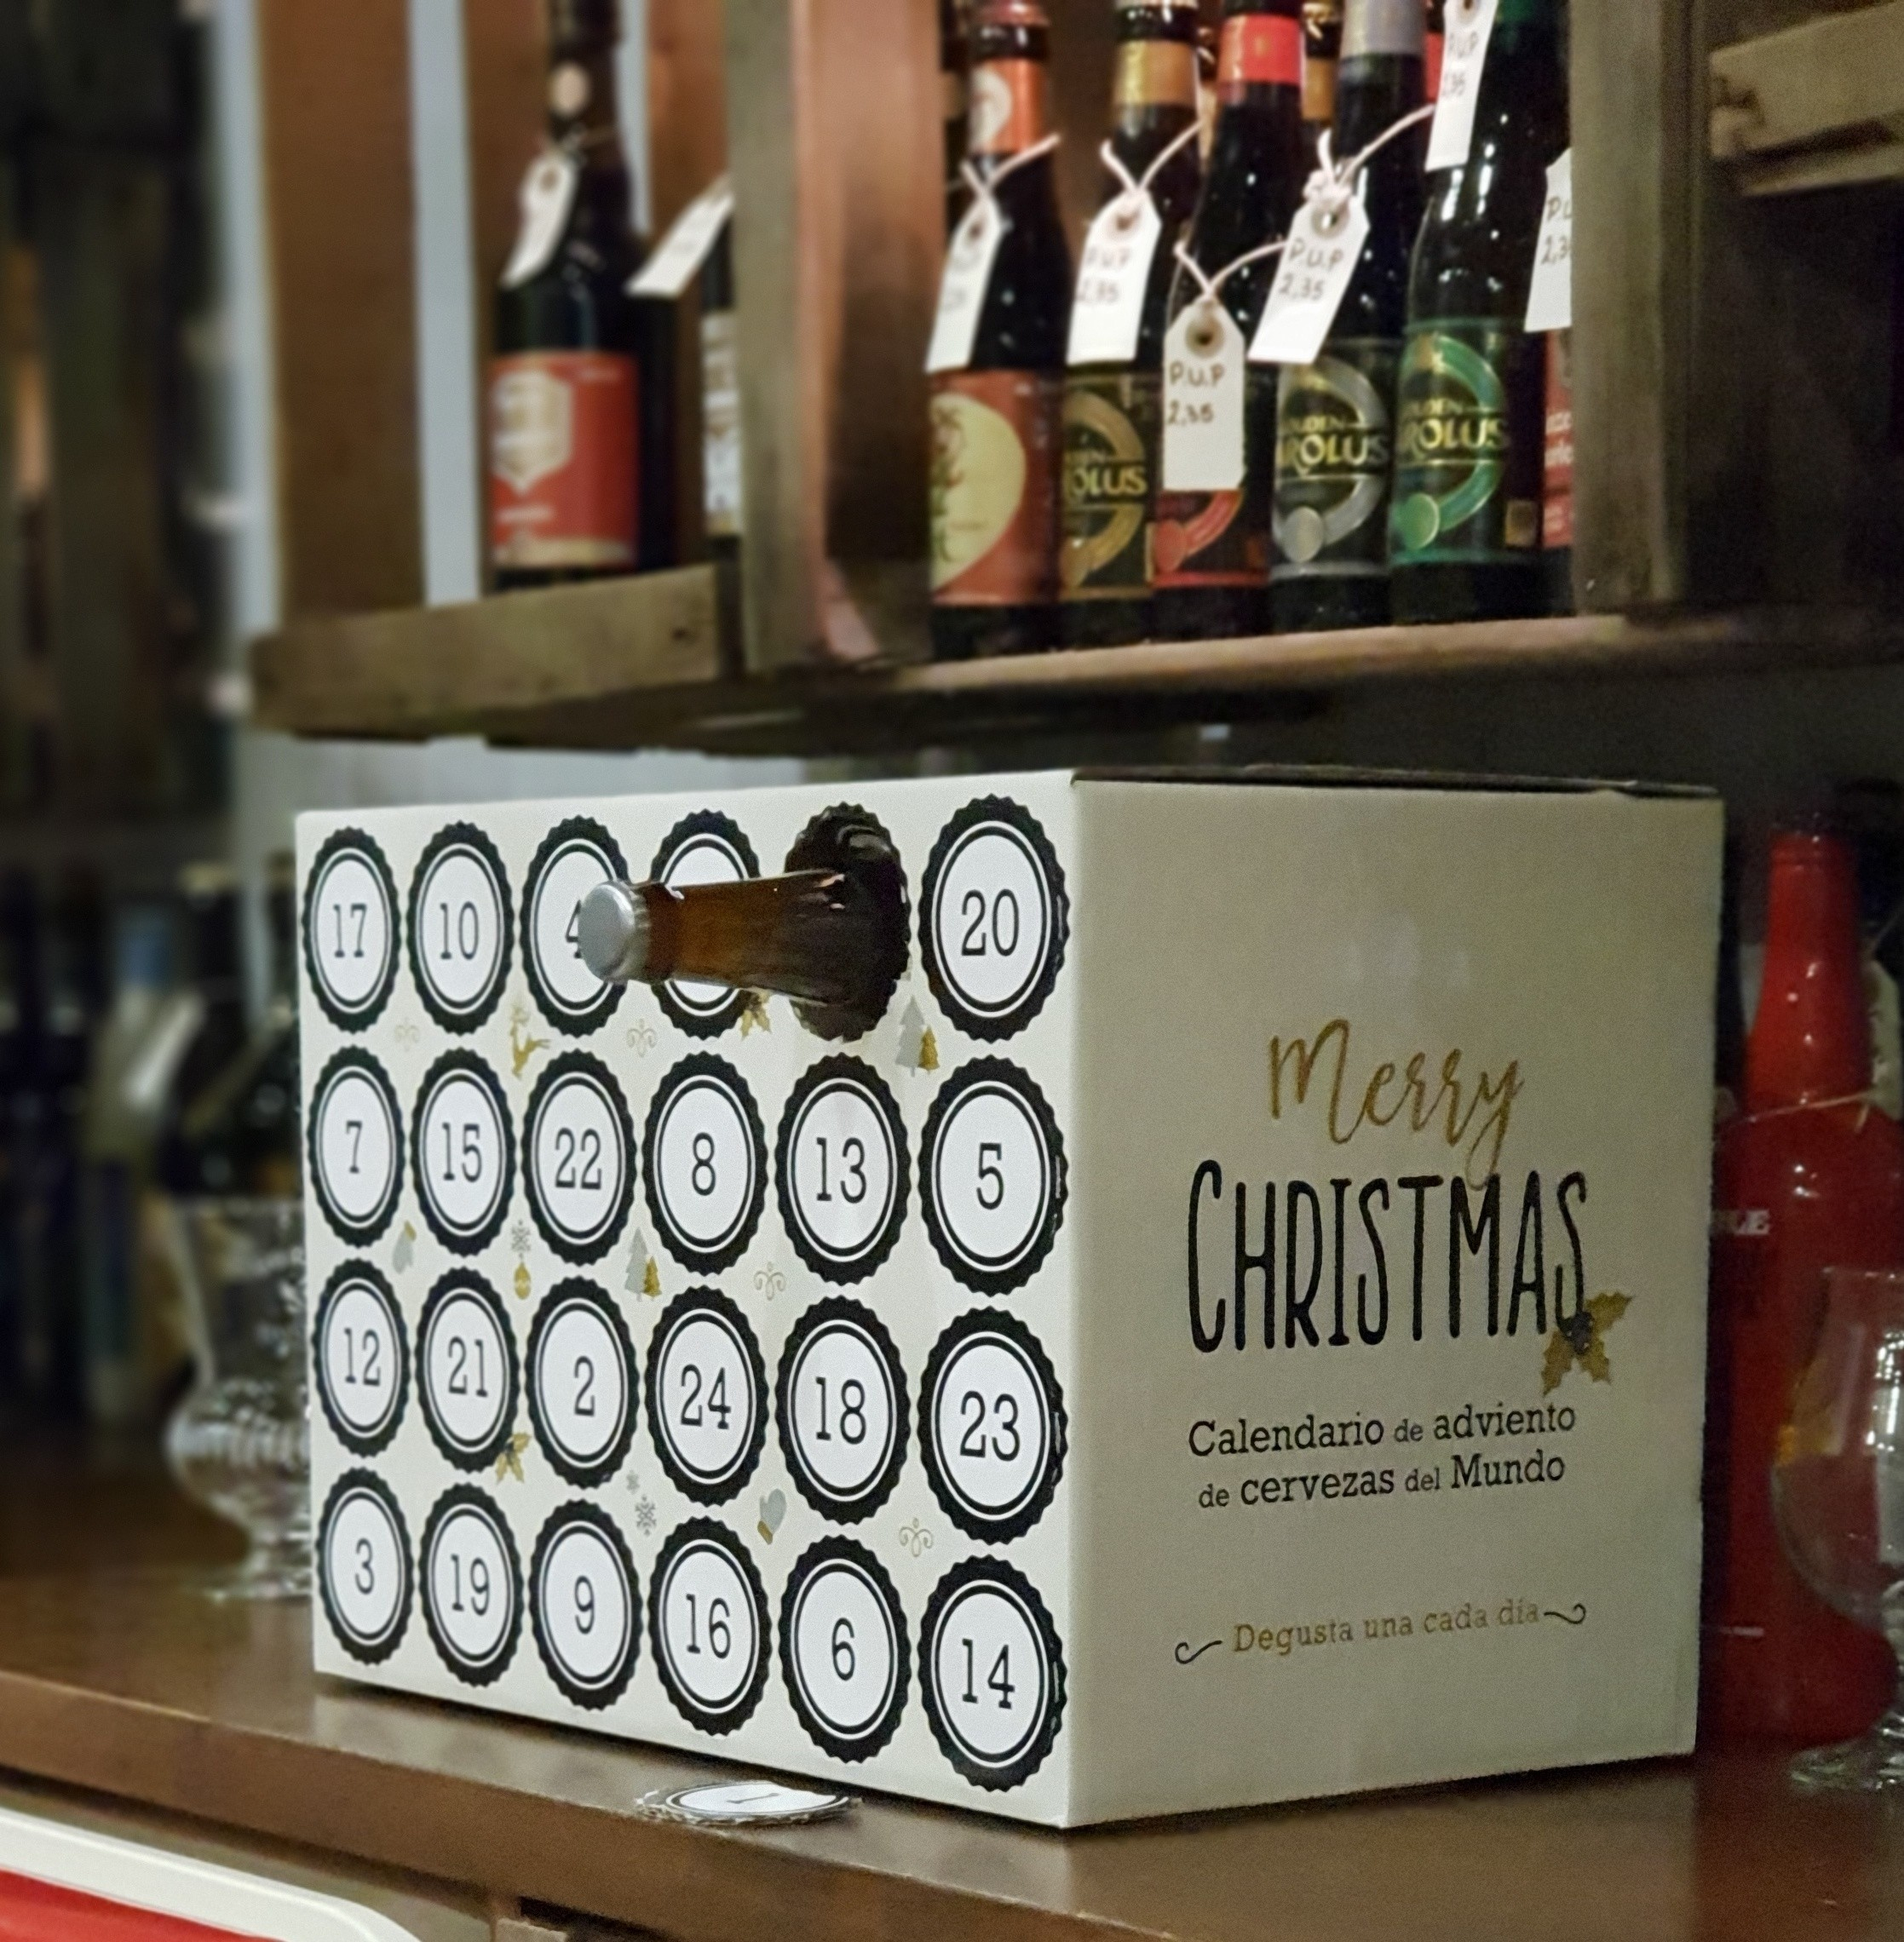 estuche calendario adviento para cervezassolo el carton